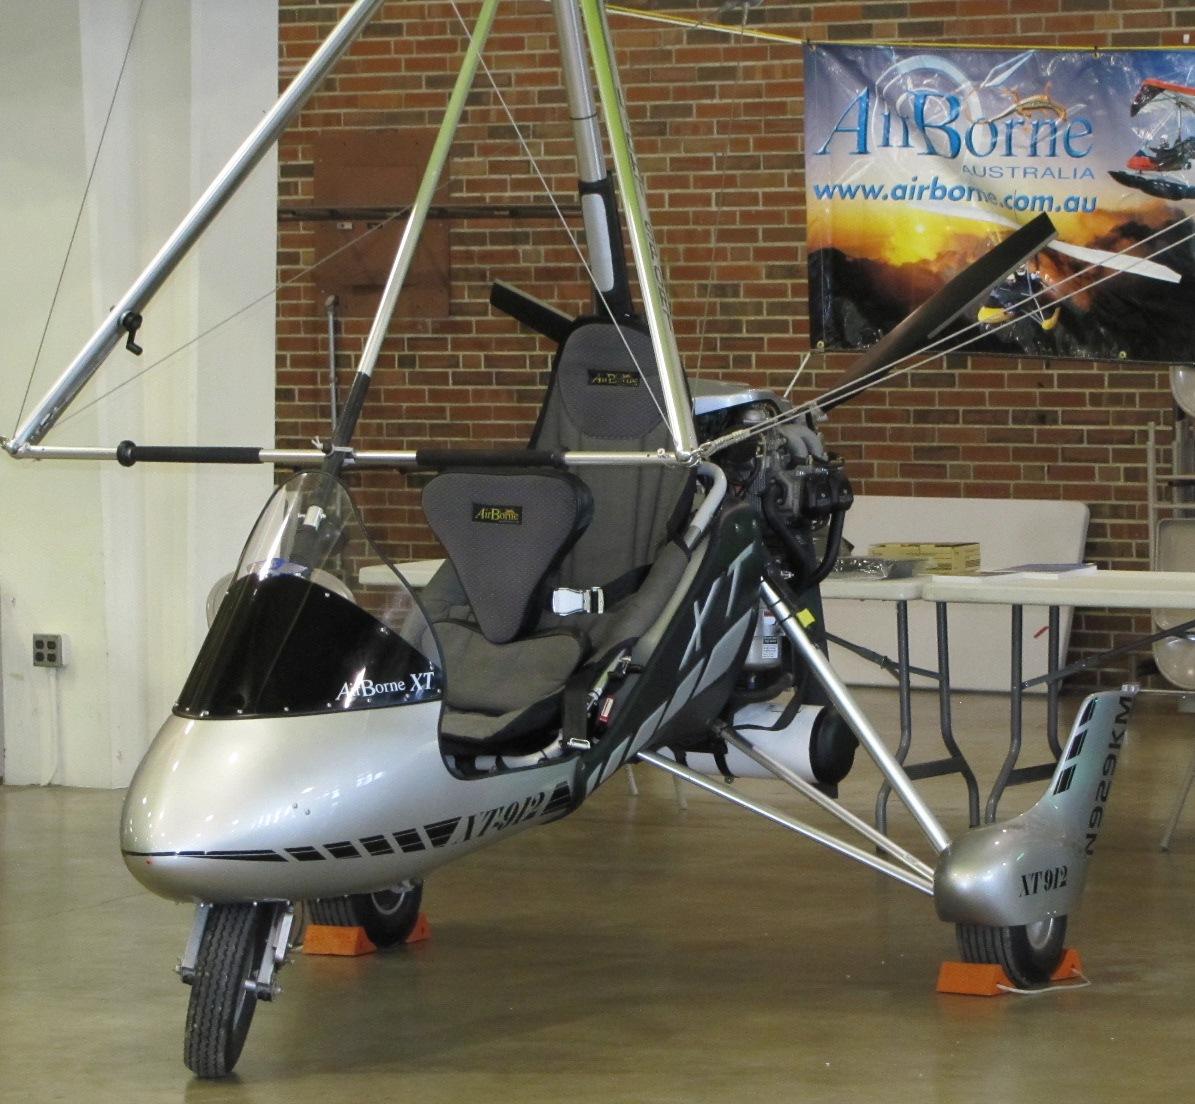 Light Sport Aircraft Manufacturers – A Murti Schofield